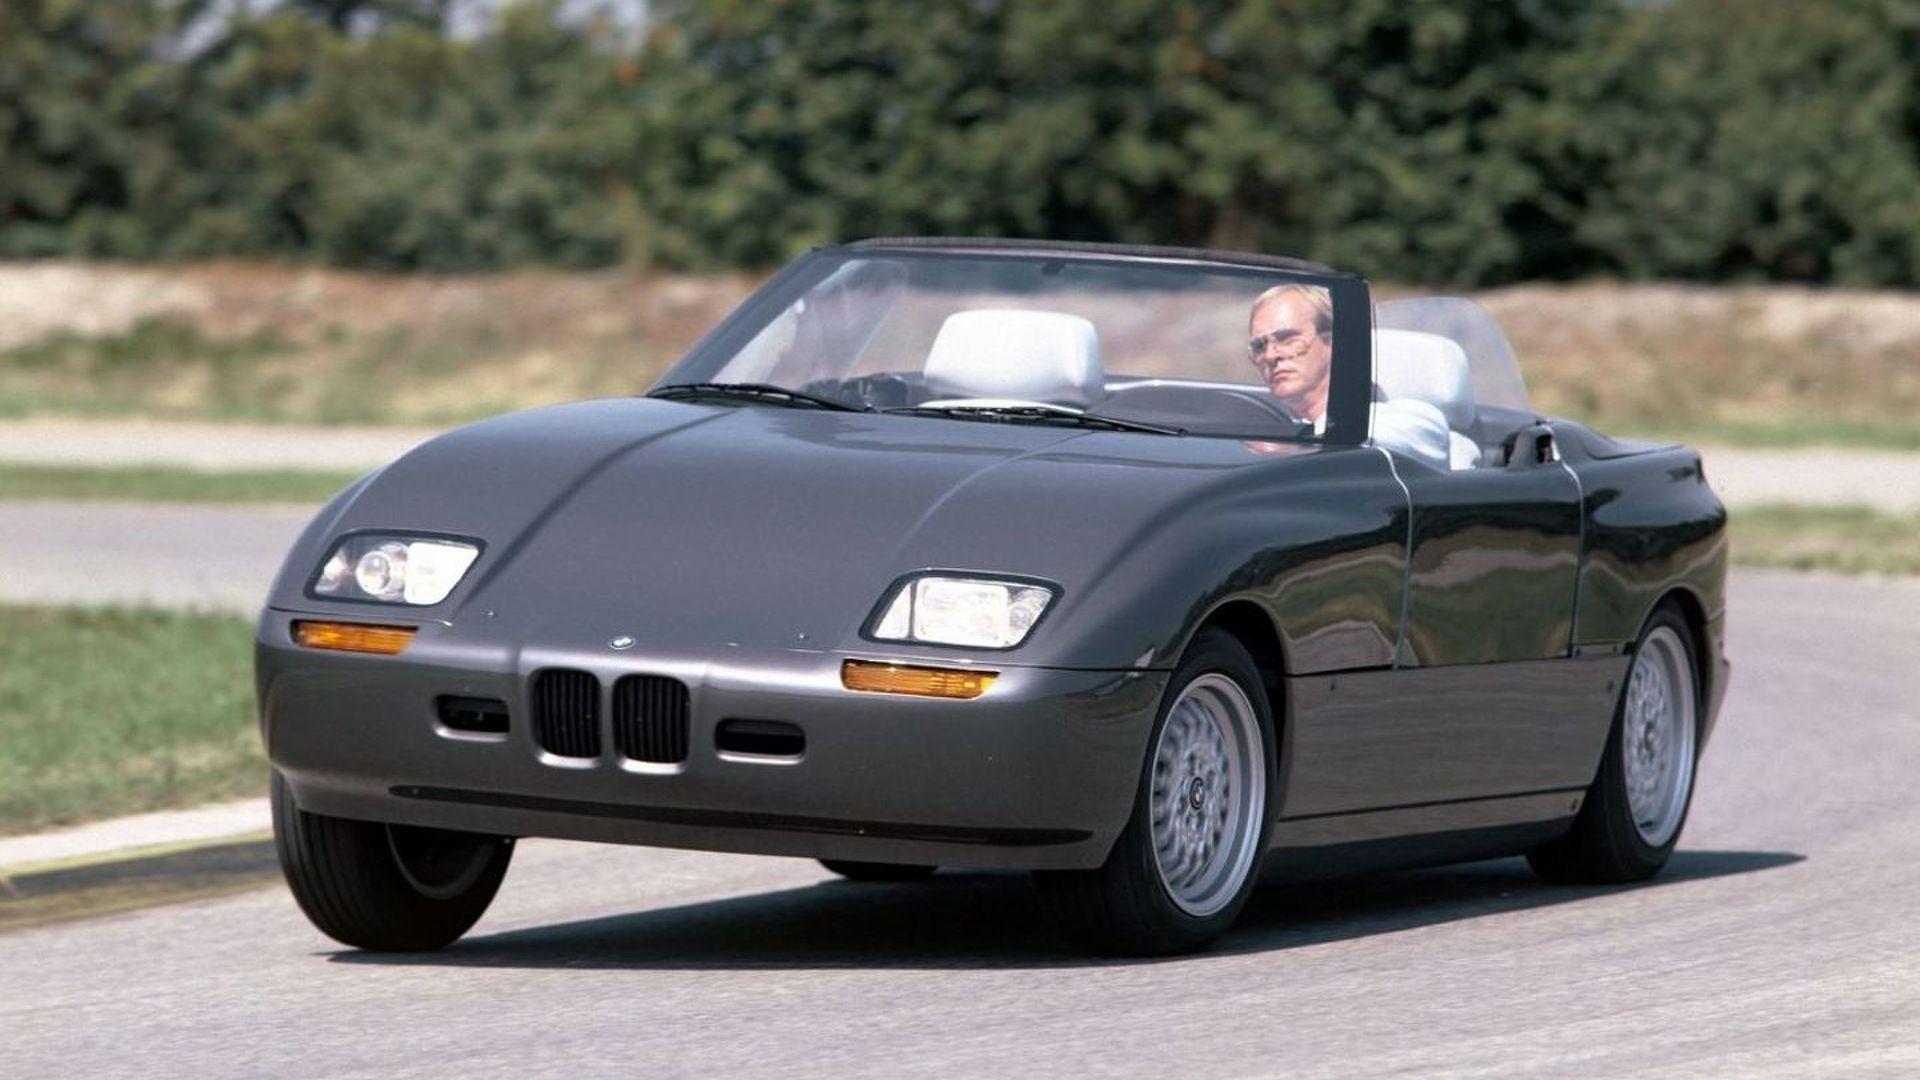 2010-197892-bmw-z1-prototype-1985-26-03-20101 Astounding Bmw Z1 for Sale In Usa Cars Trend